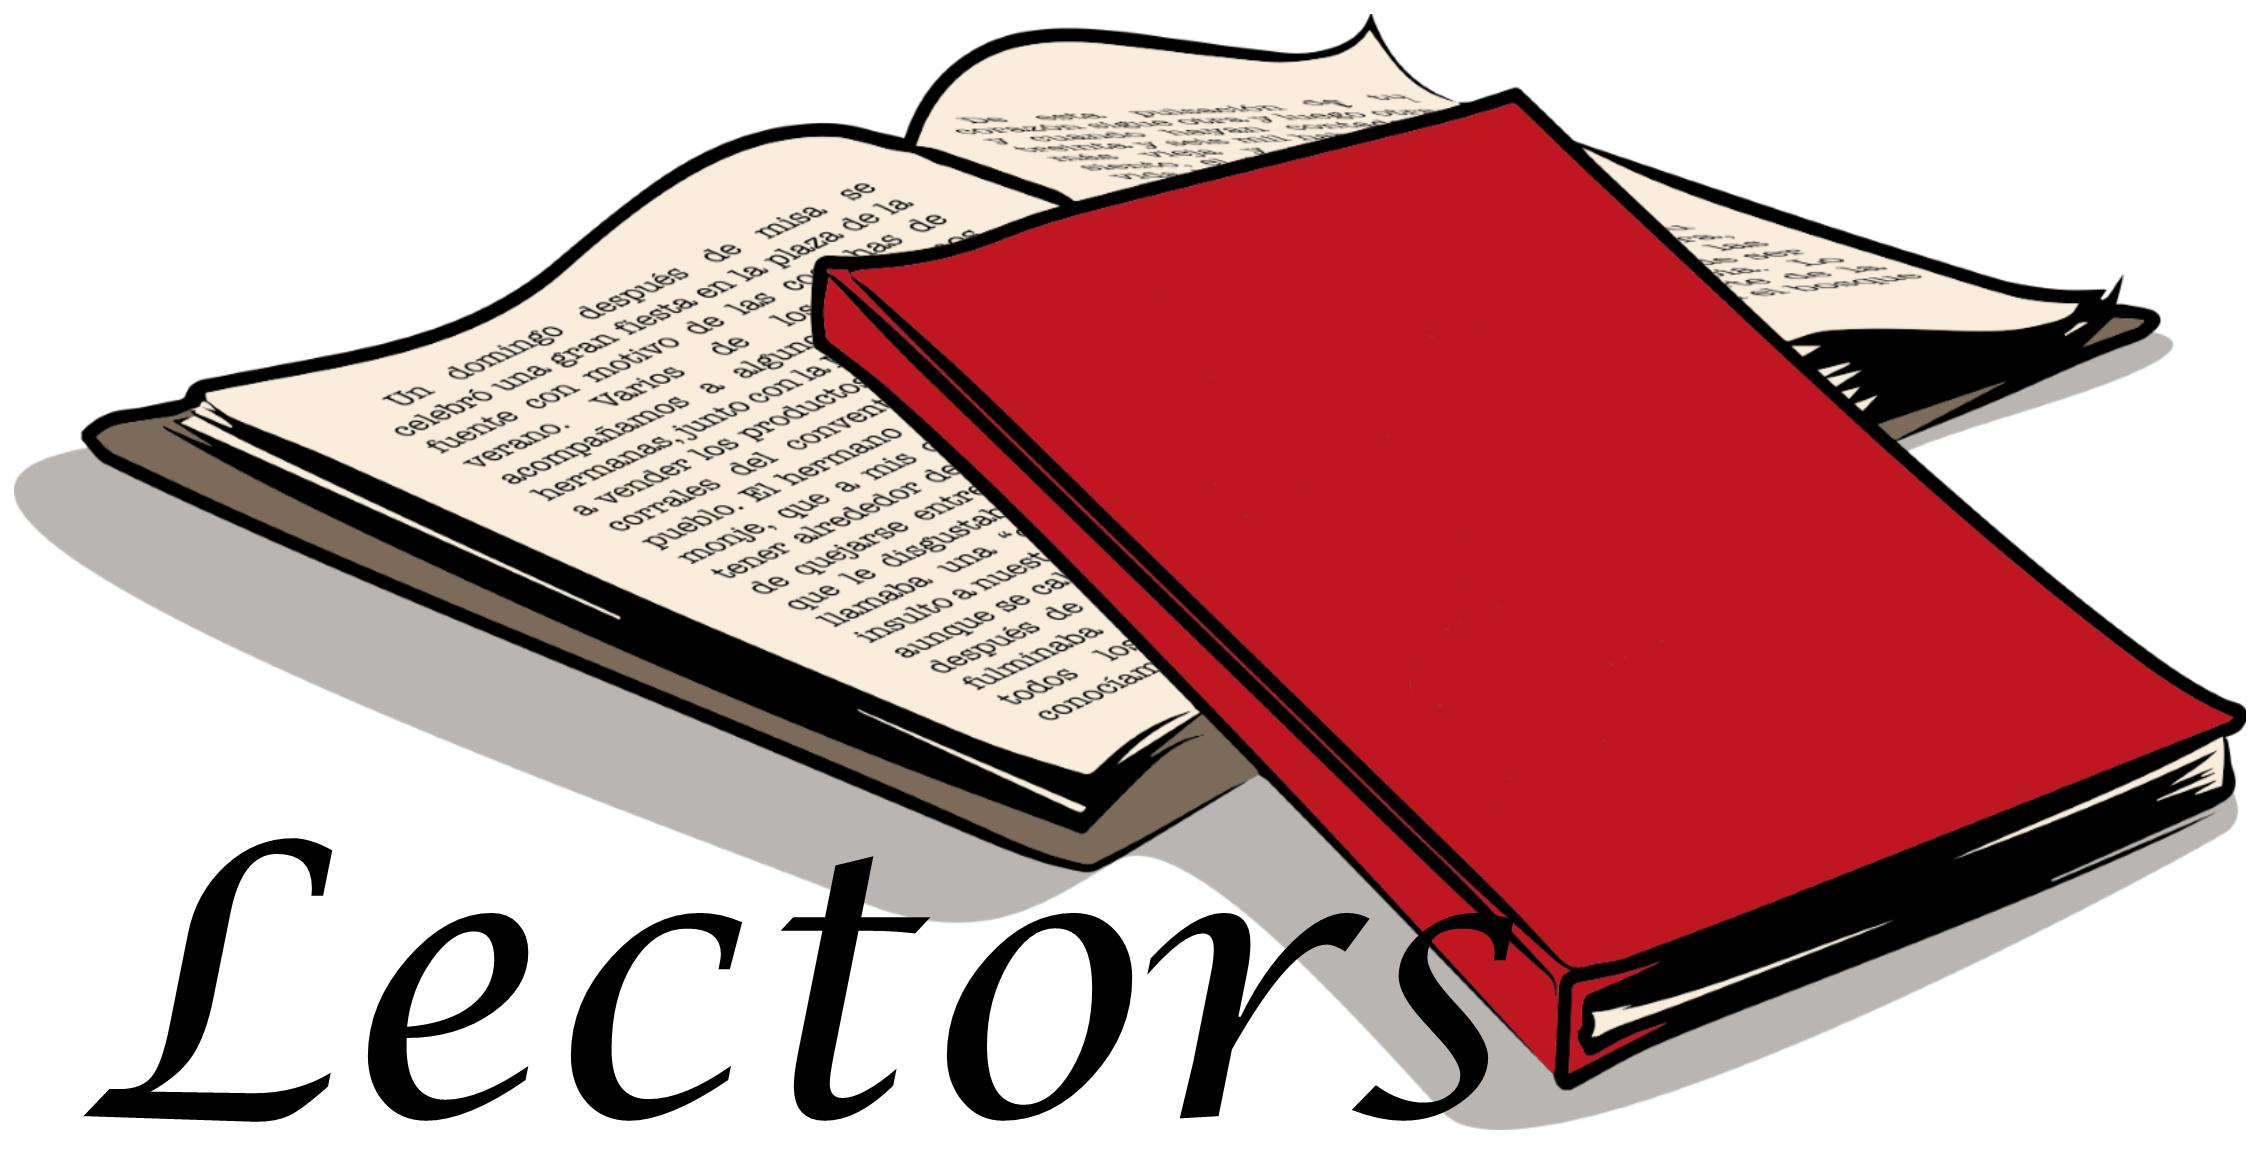 Lectors